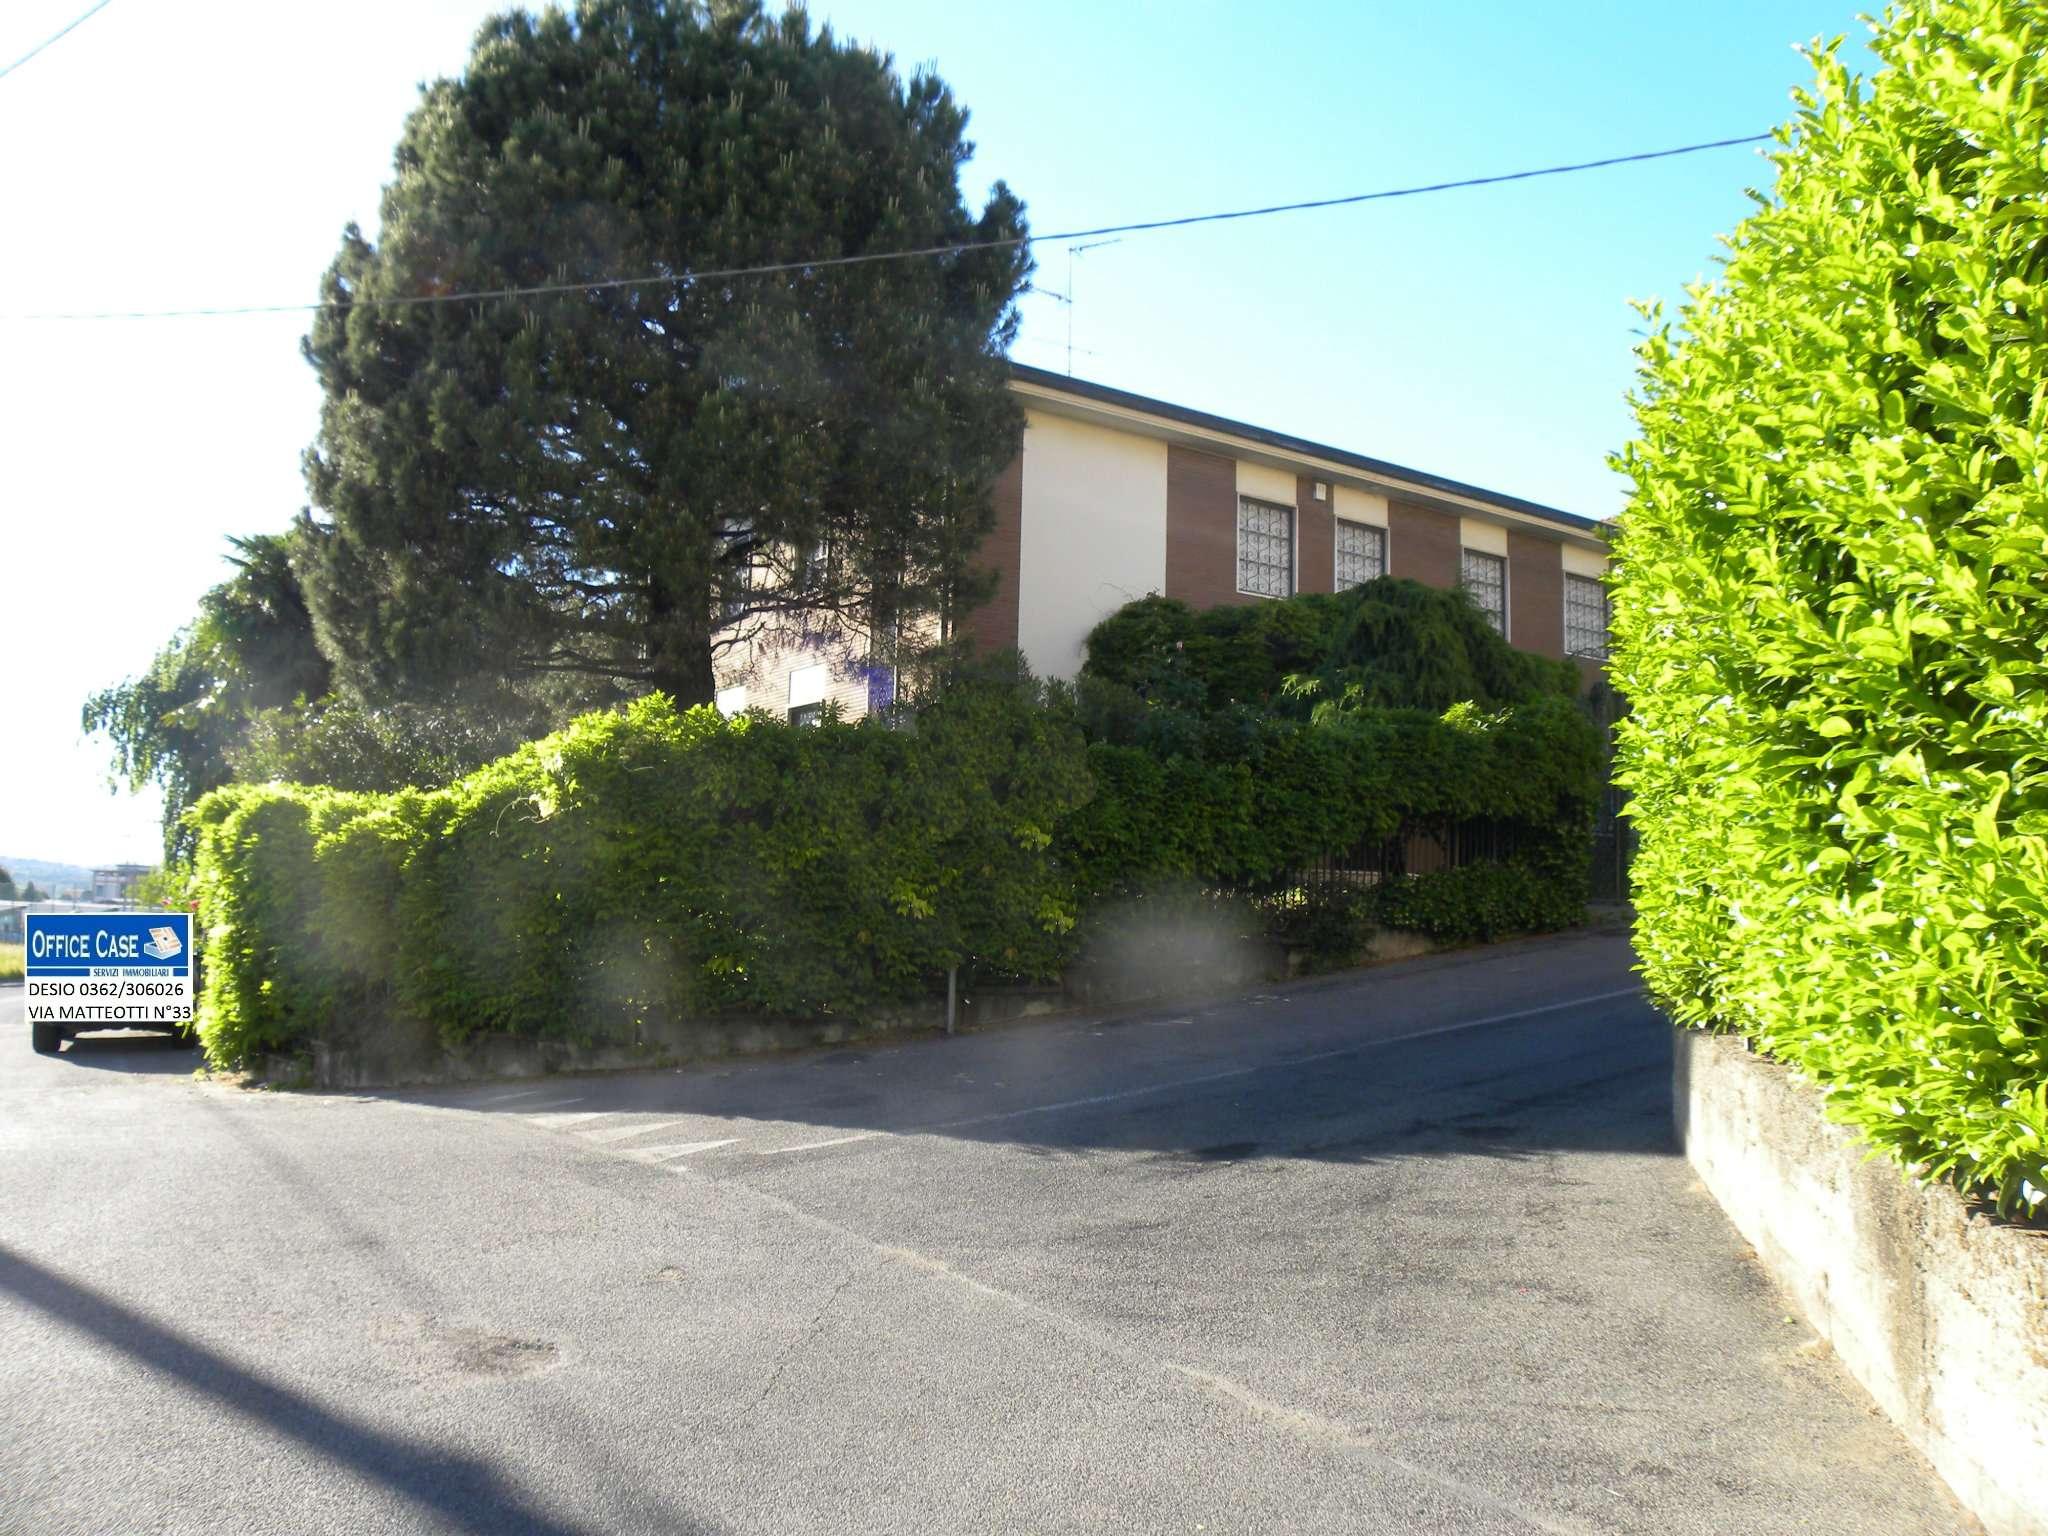 Villa in vendita a Renate, 6 locali, prezzo € 380.000   Cambio Casa.it